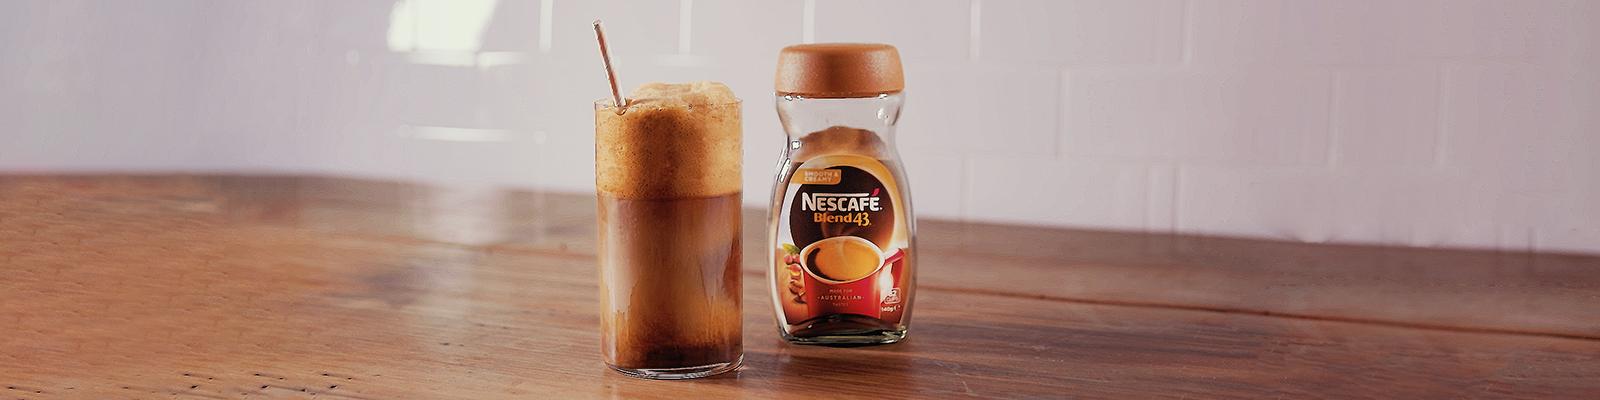 NESCAFE Frappe Greek Iced Coffee Recipe